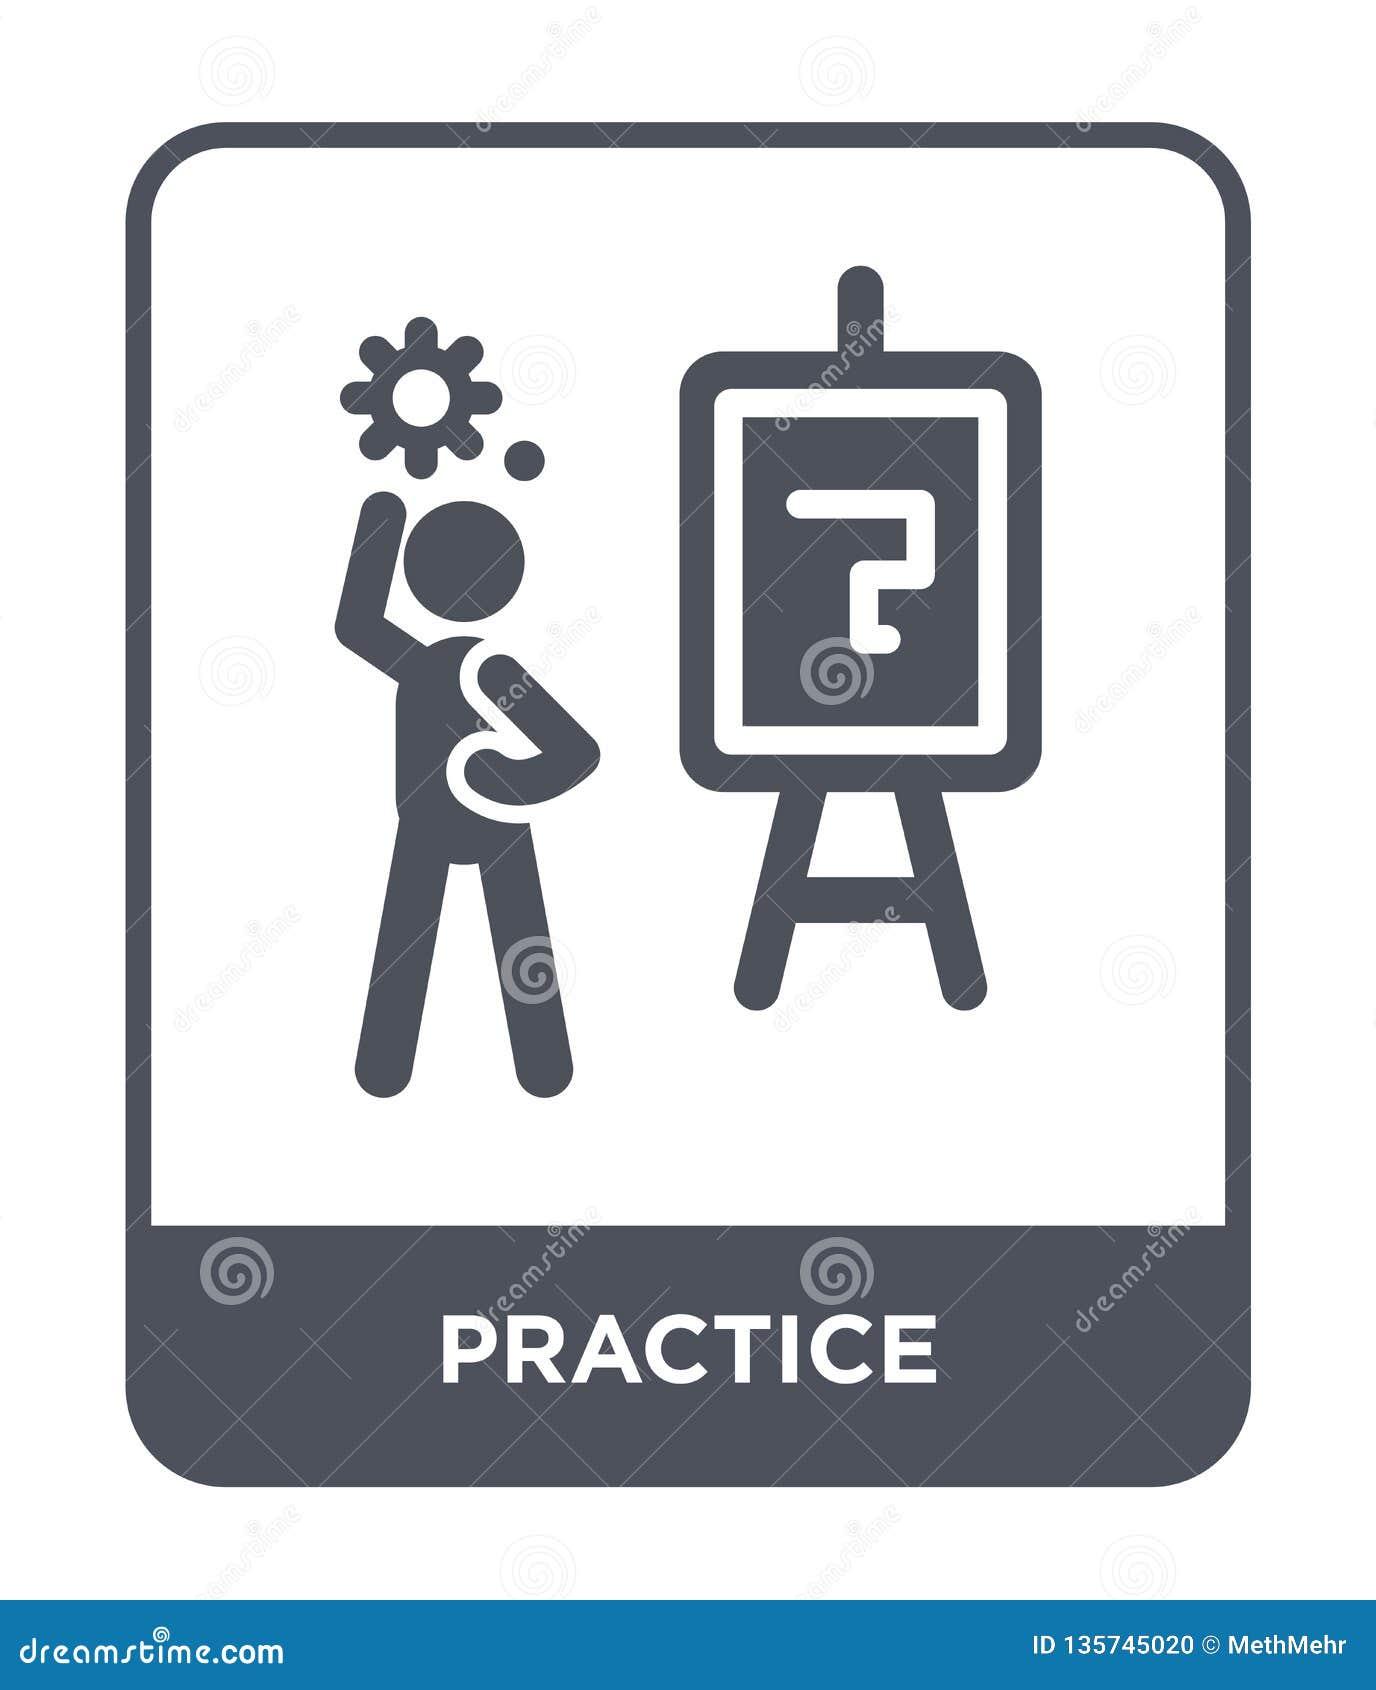 Icona di pratica nello stile d avanguardia di progettazione icona di pratica isolata su fondo bianco piano semplice e moderno del